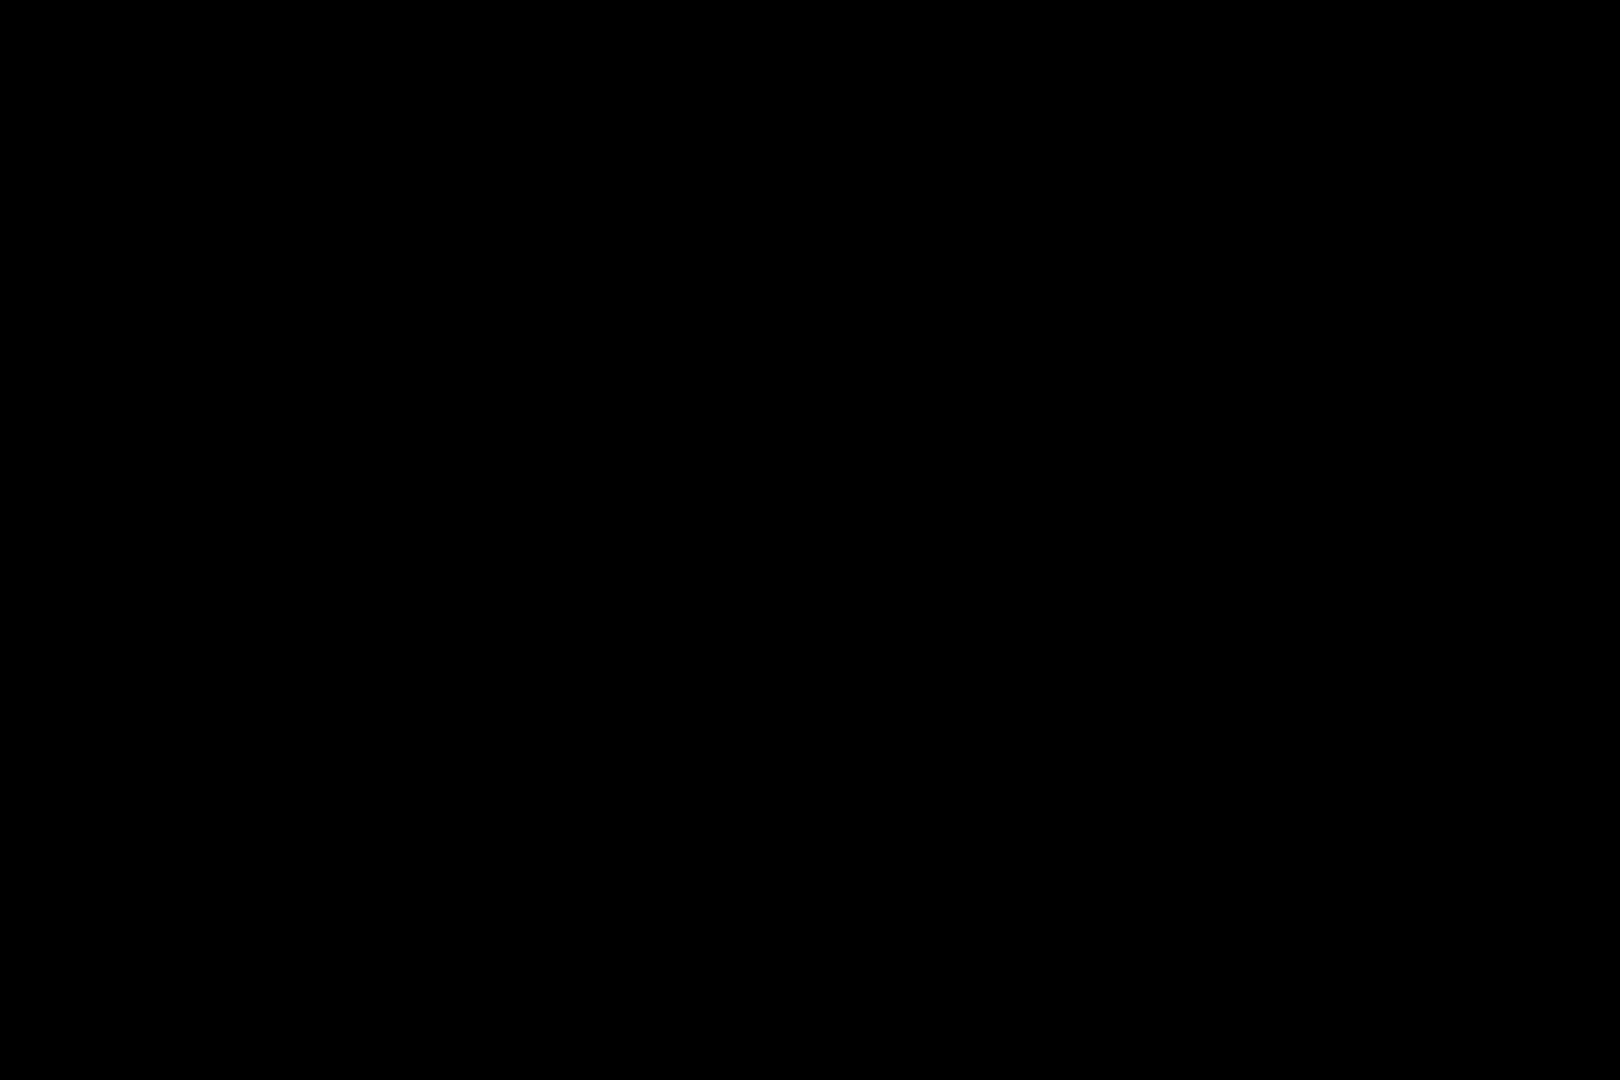 ゲイ 肉棒 動画|三ツ星シリーズ 魅惑のMemorial Night!! vol.03|モ無し